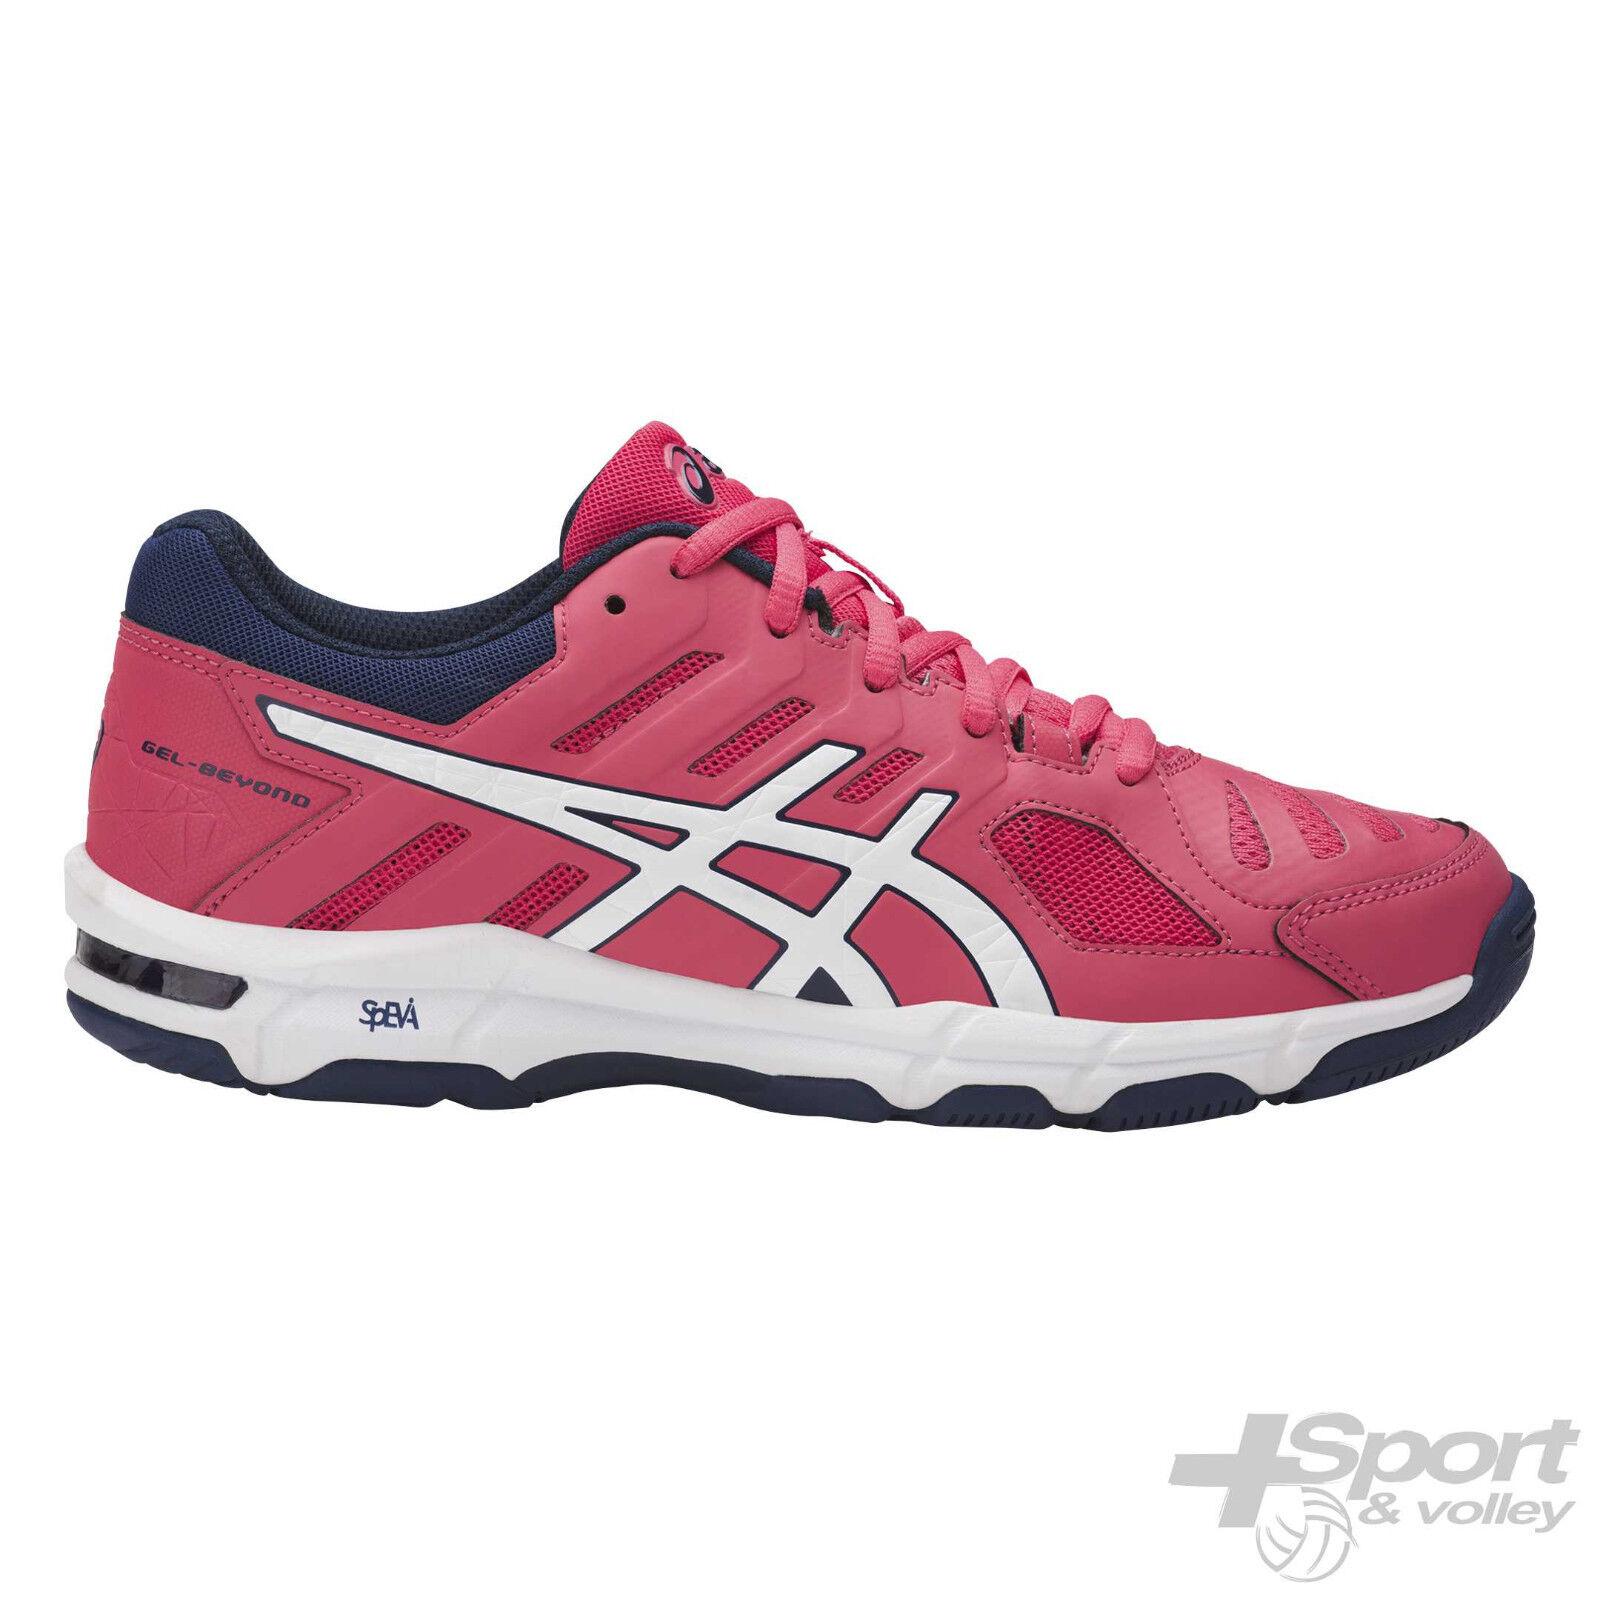 Zapatos 5 voleibol Asics Gel Beyond 5 Zapatos Bajo Mujer B651N 1901 304239